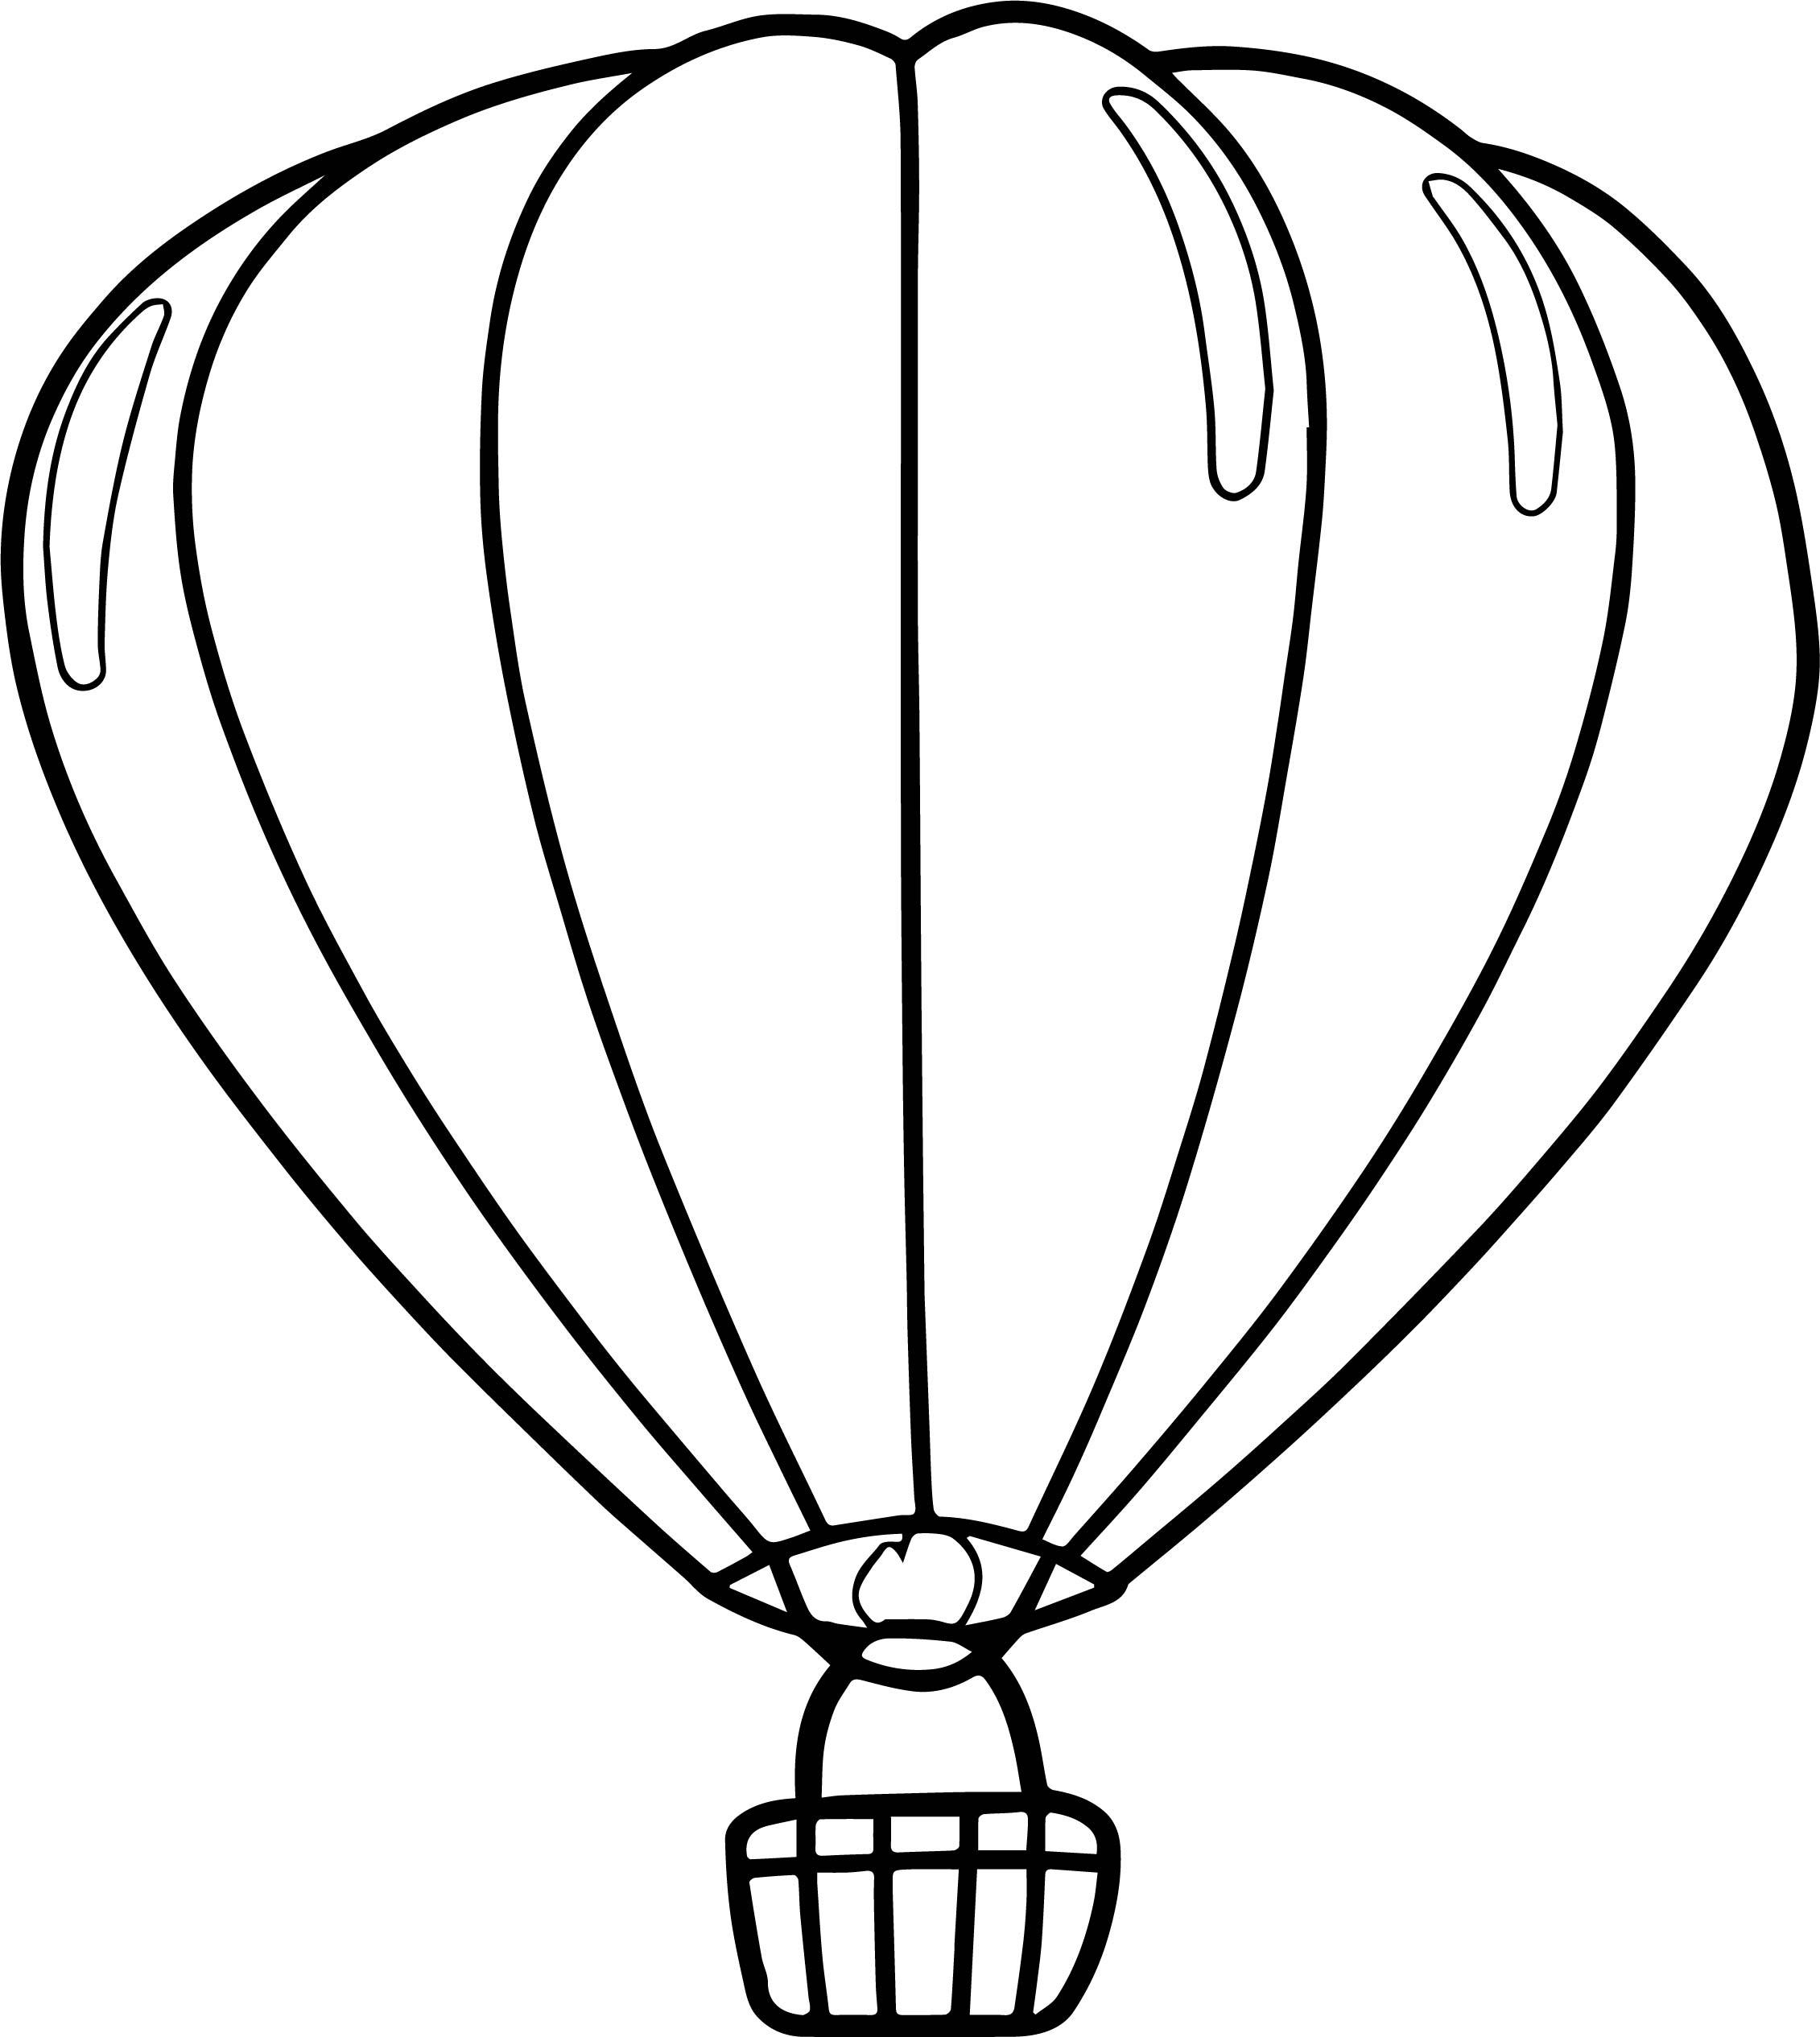 Hot Air Balloon Drawing Template At Getdrawings